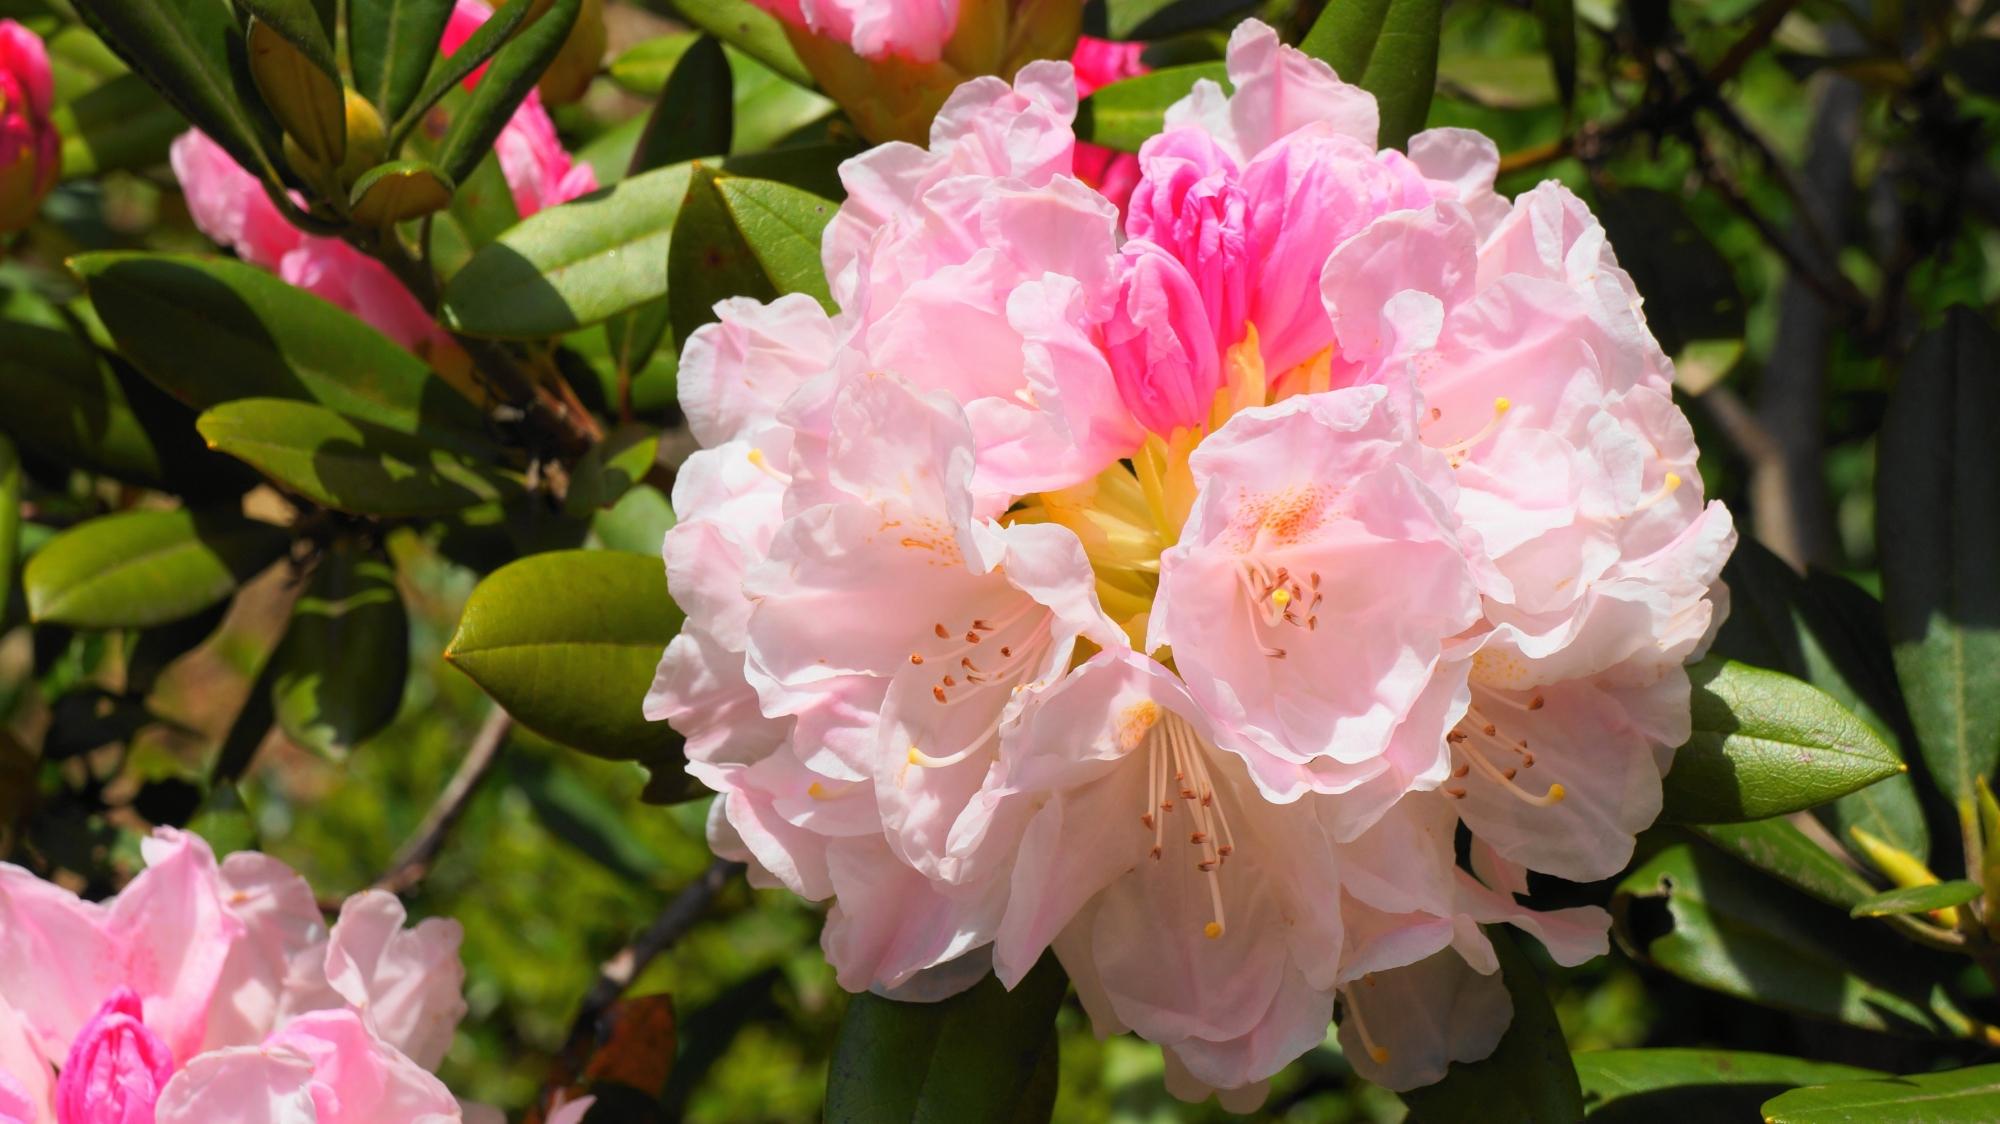 太陽を浴びて煌くほのかなピンクの石楠花